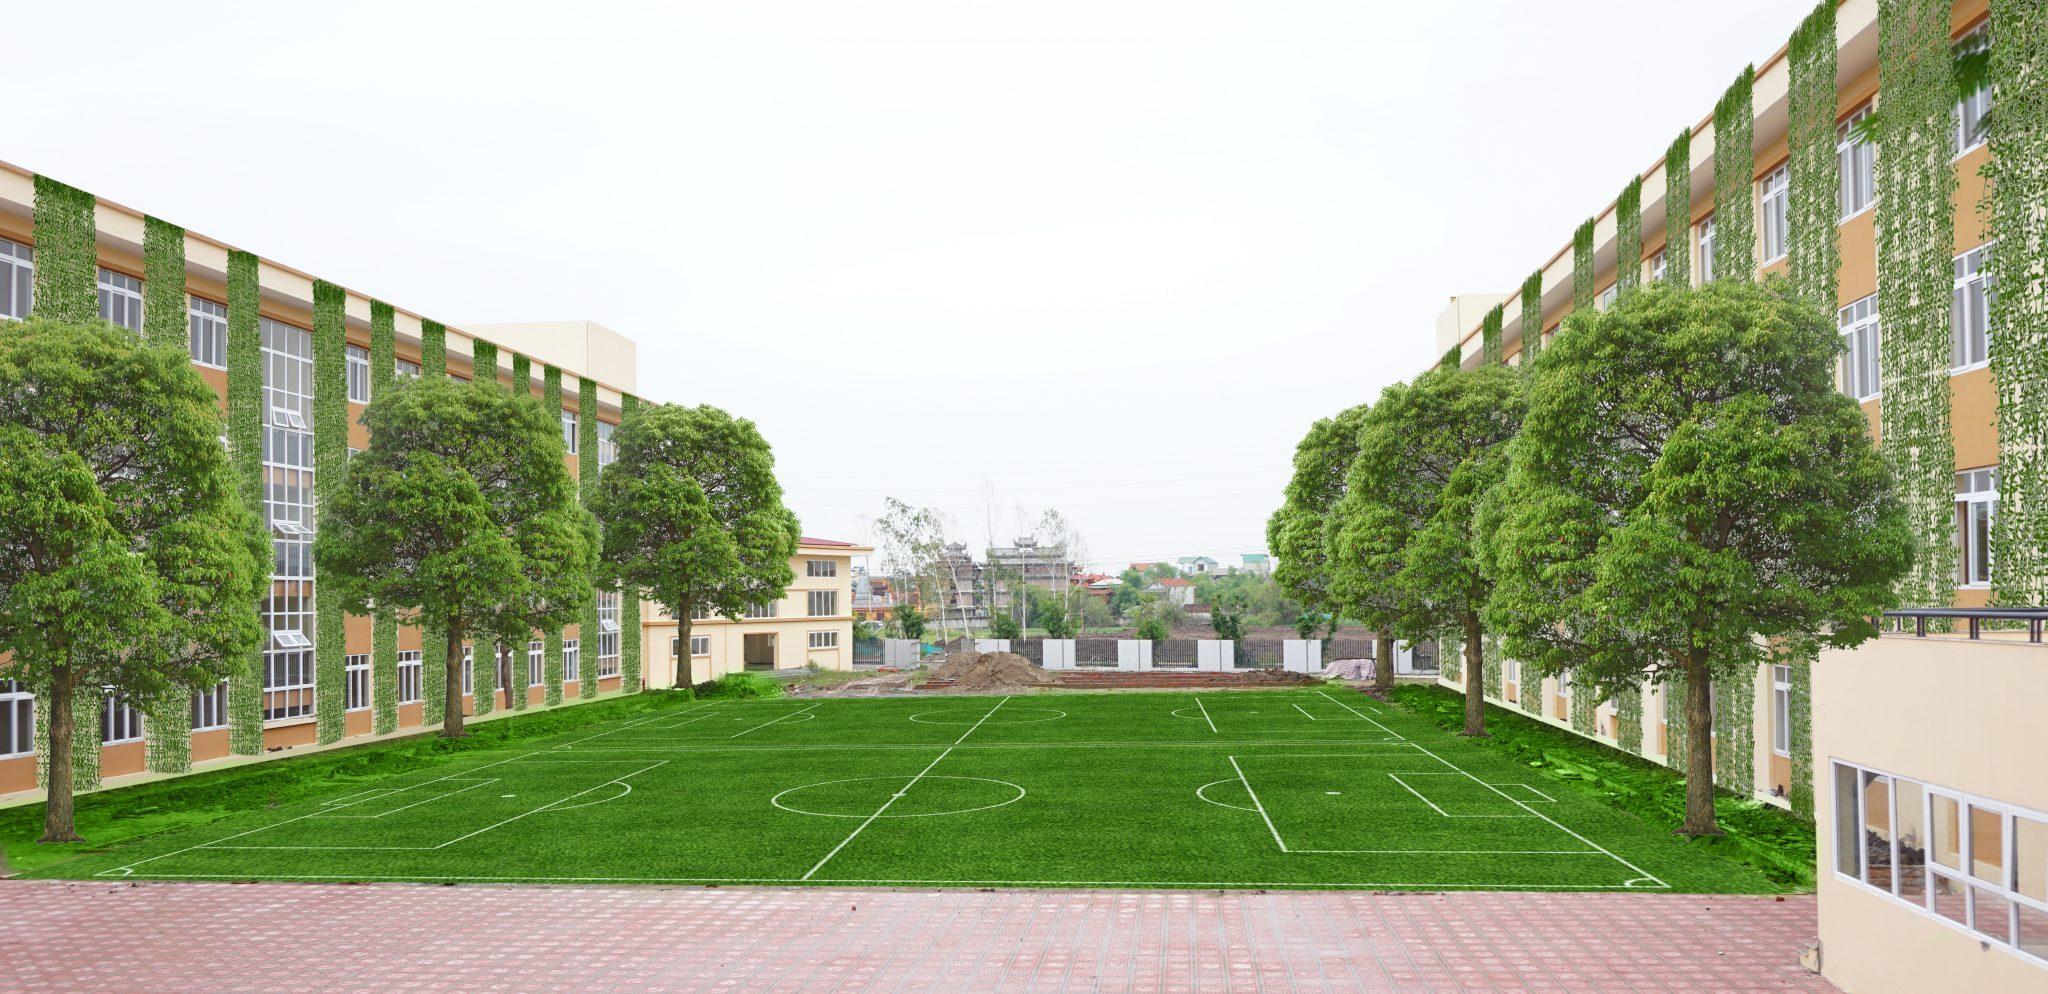 cơ sở vật chất Trường liên cấp Tuệ Đức, khu đô thị Thanh Hà, huyện Thanh Oai, Hà Nội (Ảnh: BKE)